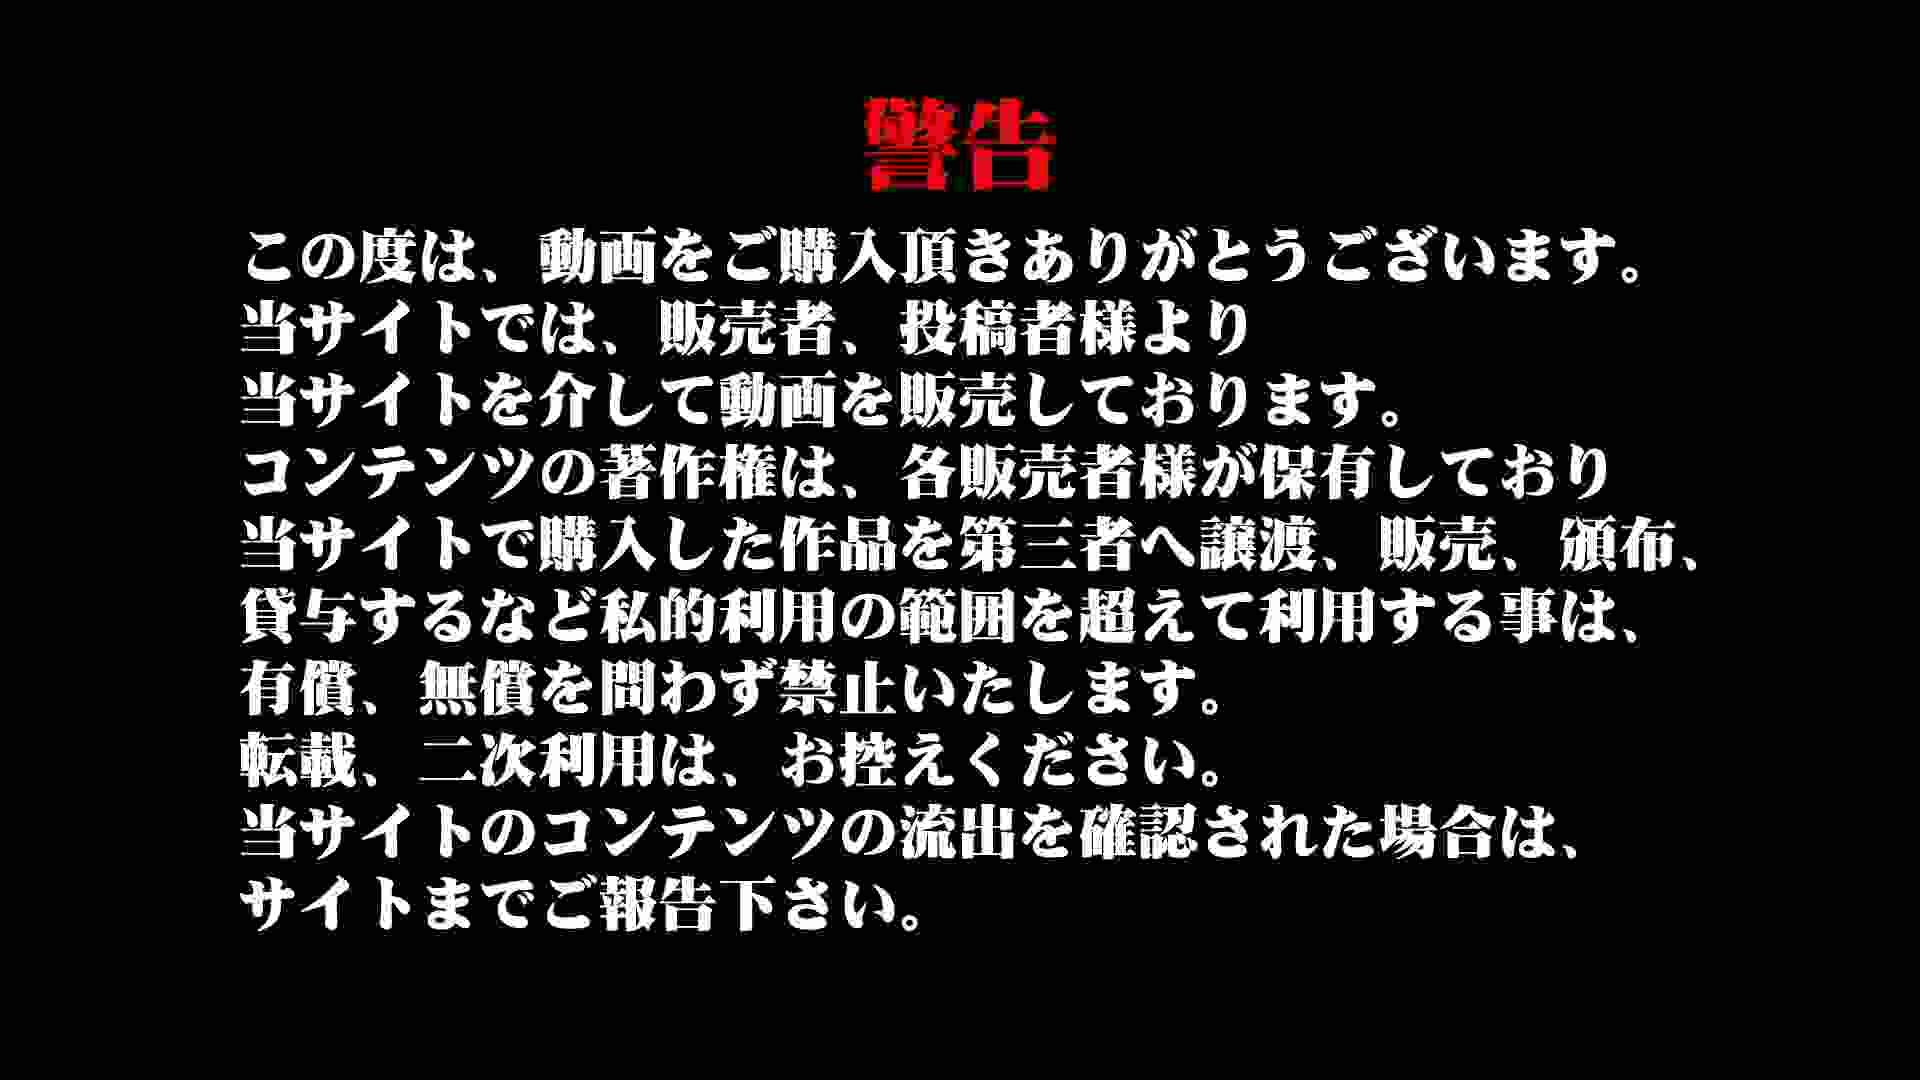 ギャルのツルピカ潜入盗撮!Vol.08 うんこ好き | ギャル・コレクション  96連発 1